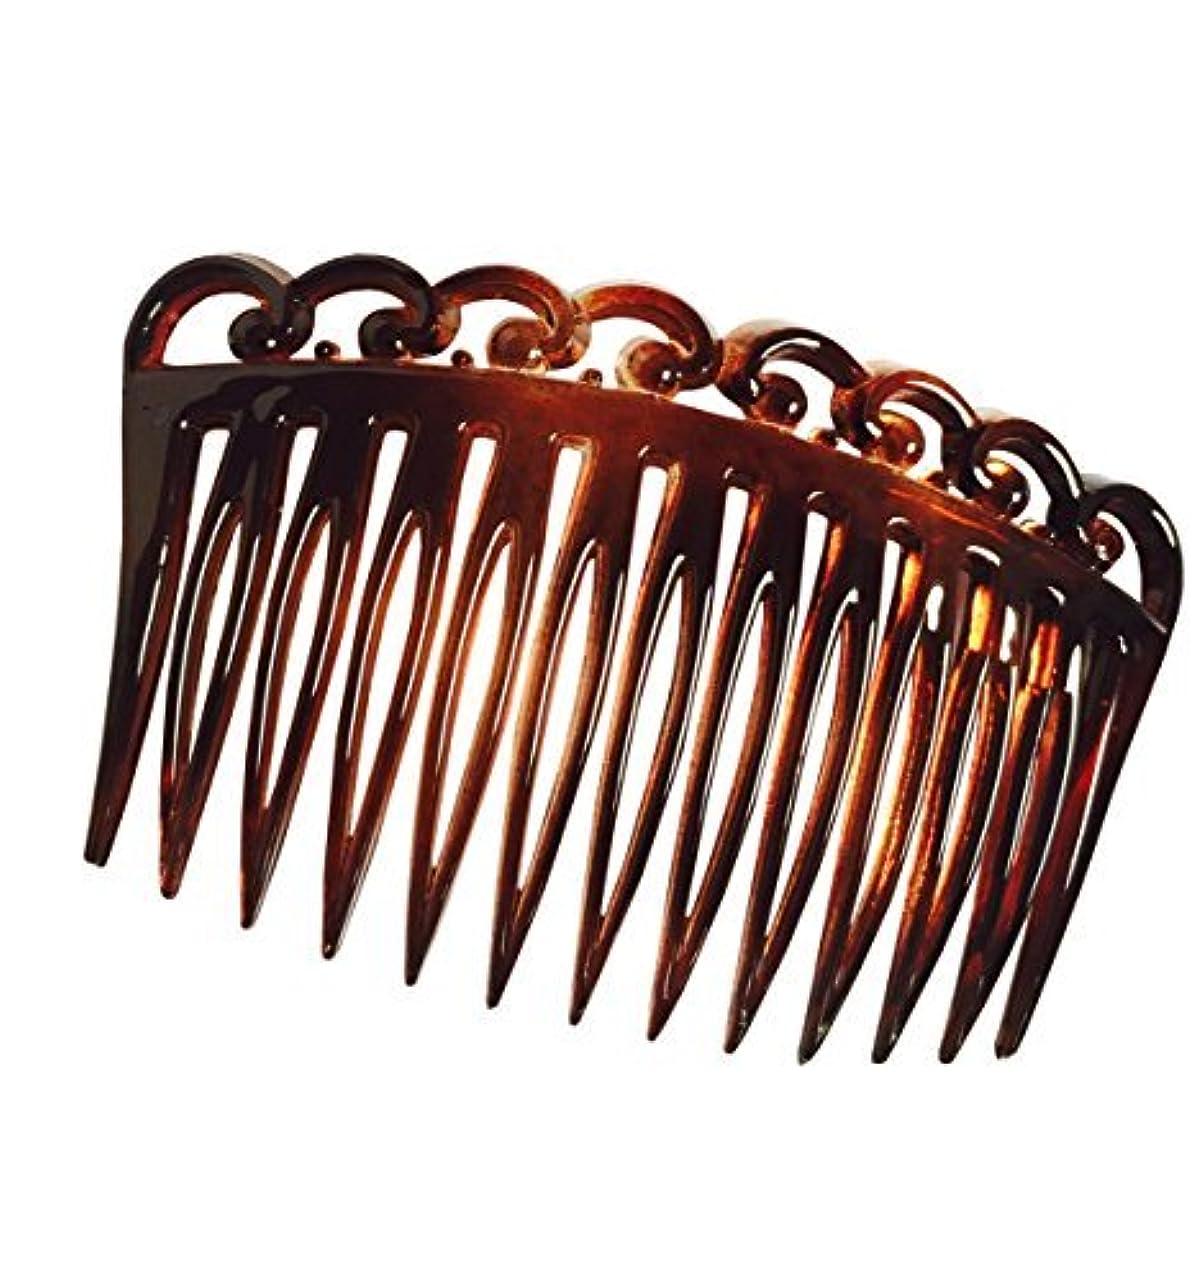 上回る不名誉な過半数Parcelona French Swirl Set of 2 Celluloid Acetate Brown Tortoise Shell Side Hair Combs 2 Pcs [並行輸入品]